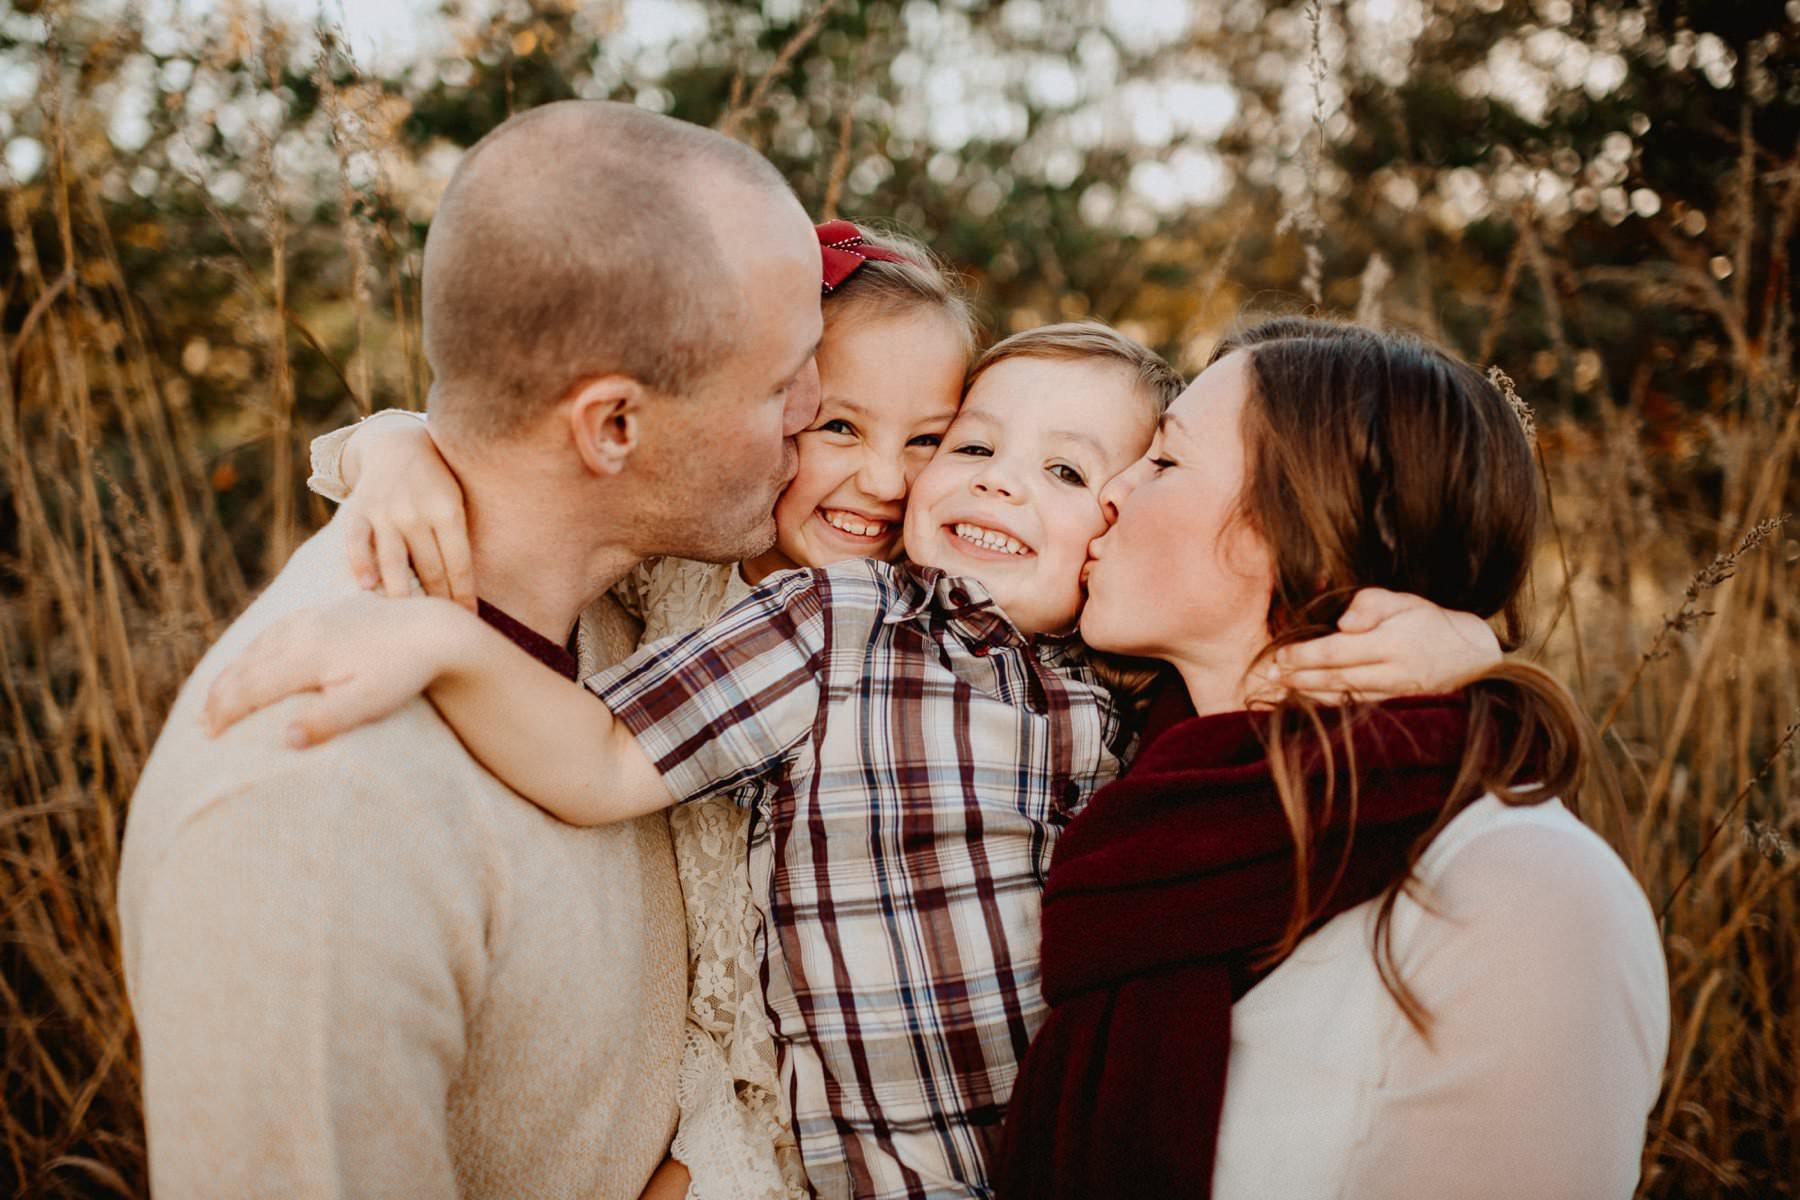 Delaware-family-photographer-15.jpg